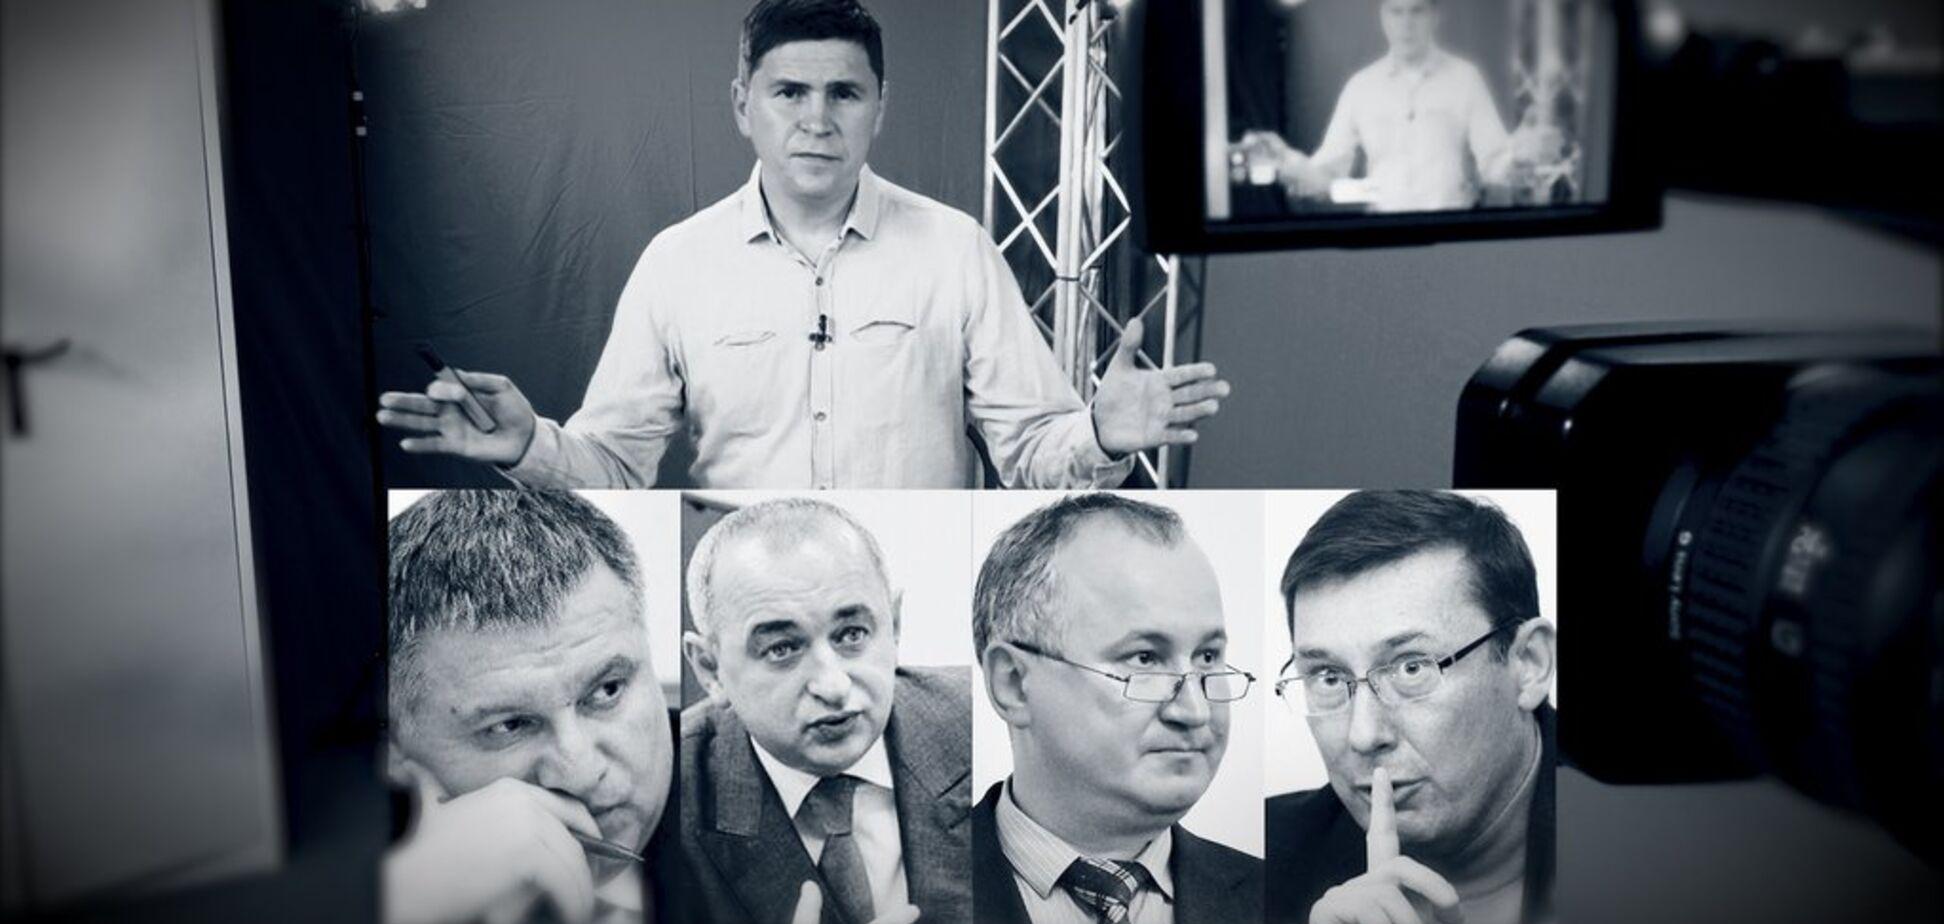 Михаил Подоляк: Как 'ломают' и 'выстраивают' силовиков?